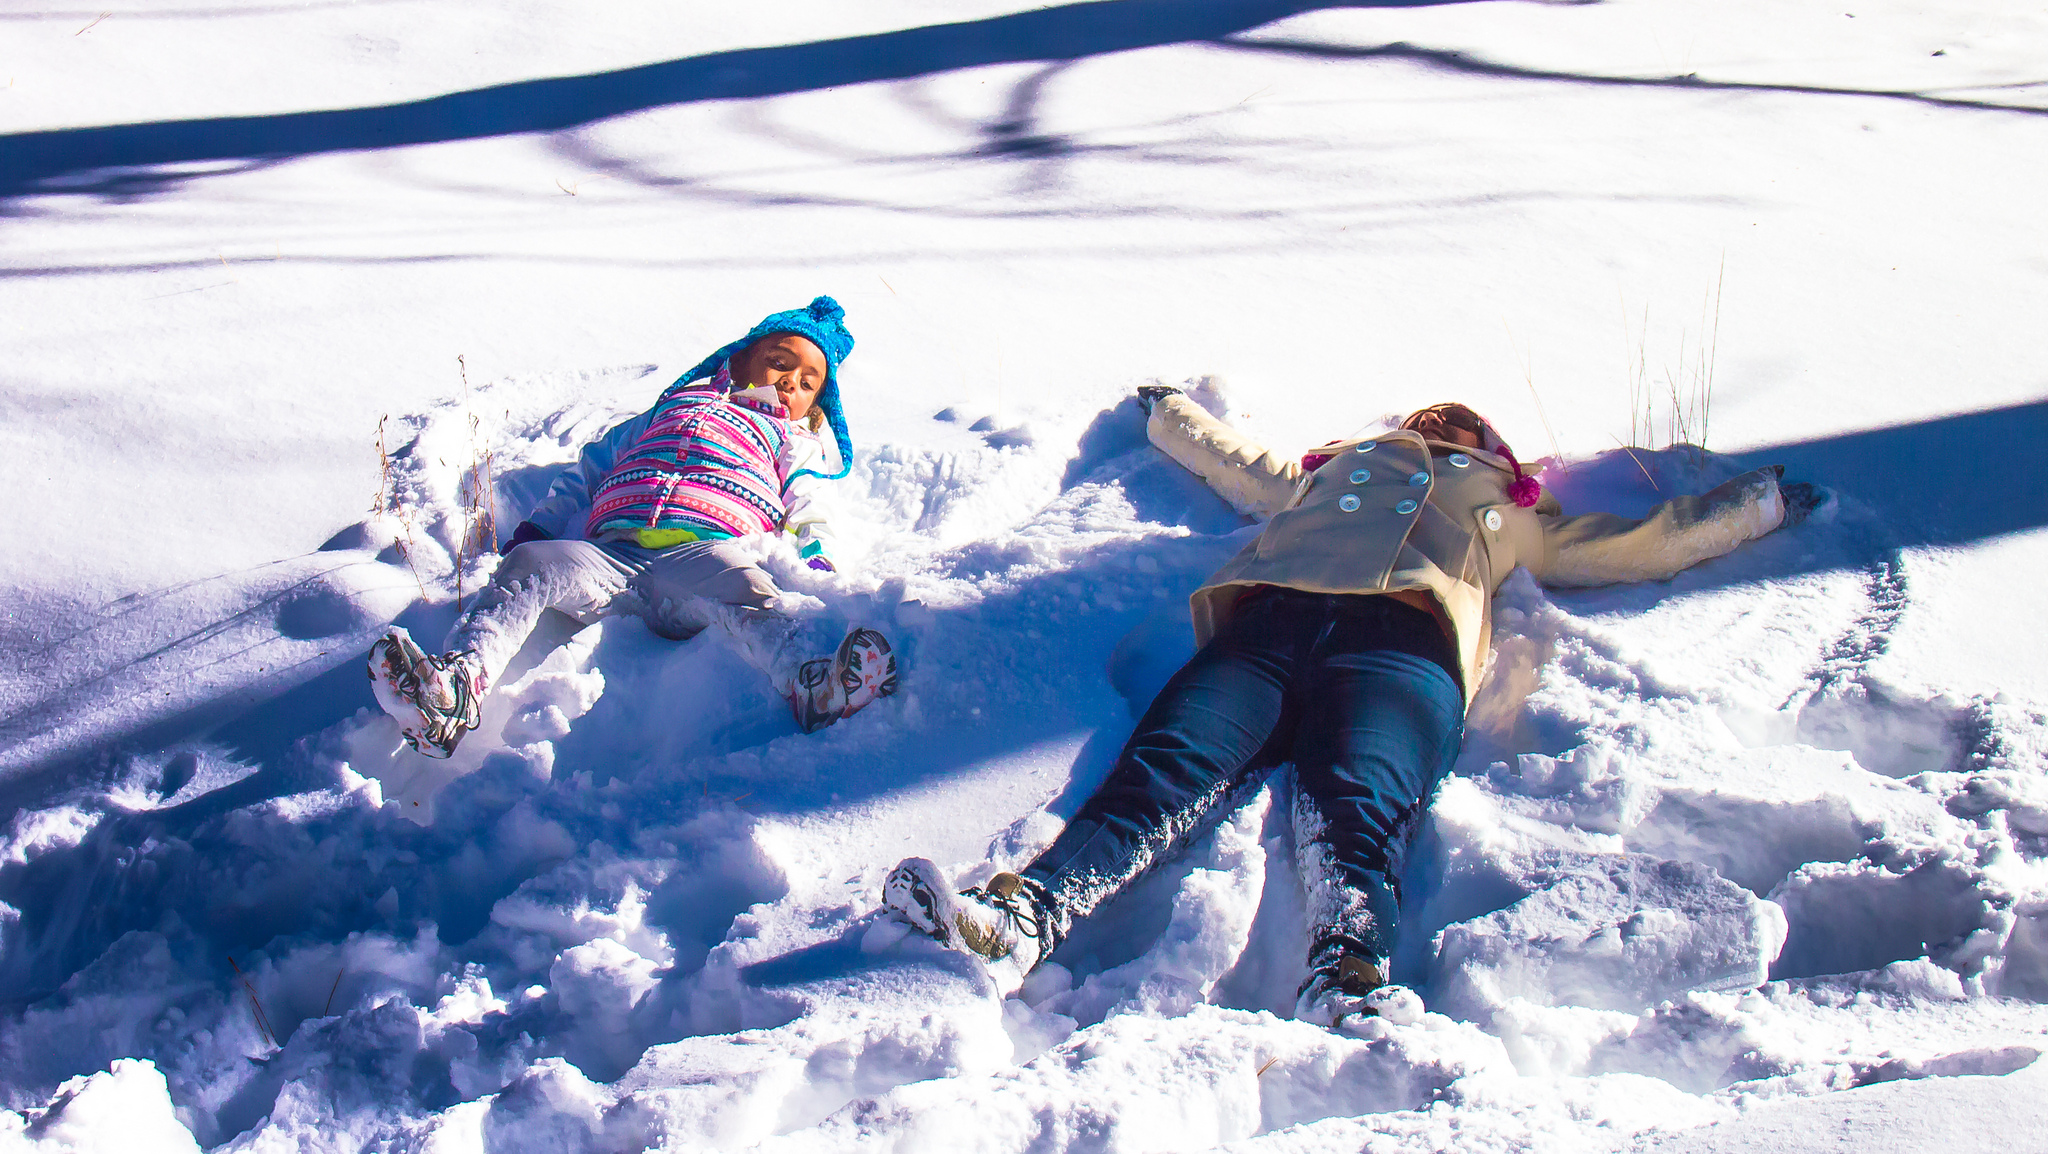 Farmer S Almanac Predicts Mild Winter 2017 2018 For Louisville